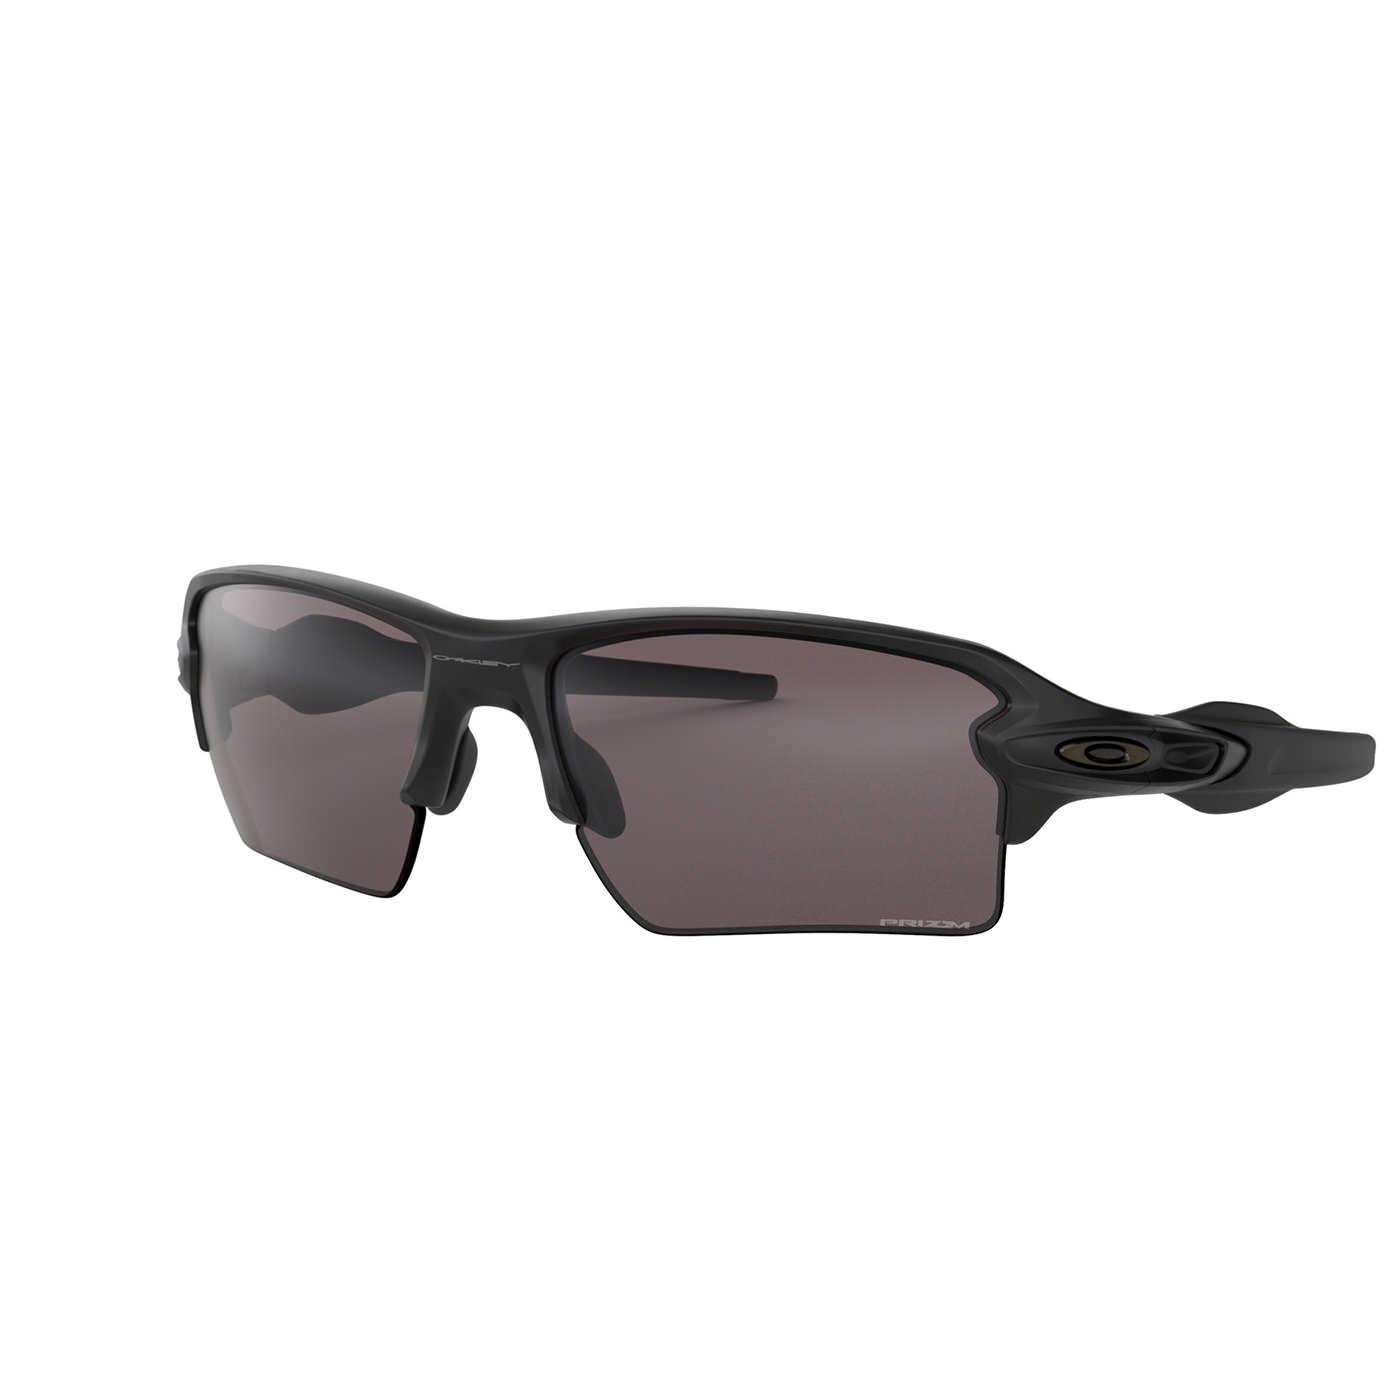 Abbildung von Oakley Flak 2.0 XL Matt Black Sonnenbrille 0OO9188 918873 59